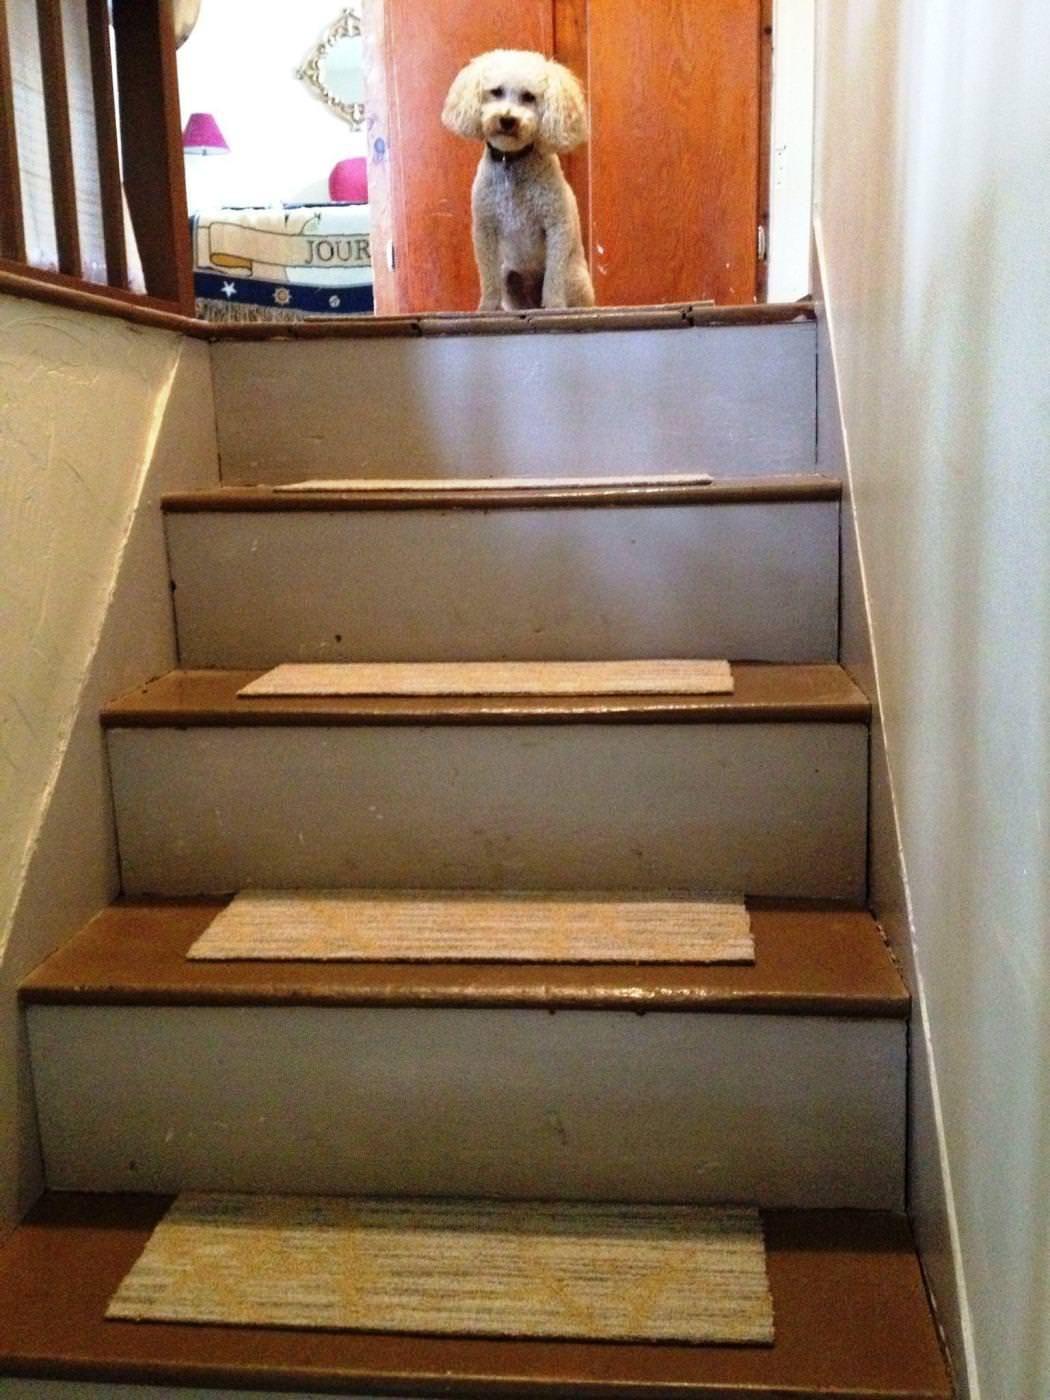 Peel And Stick Carpet Tiles For Stairs Tile Stairs Carpet Tiles   Stick On Carpet For Stairs   Rugs   Flooring   Carpet Tiles   Stair Runner   Anti Slip